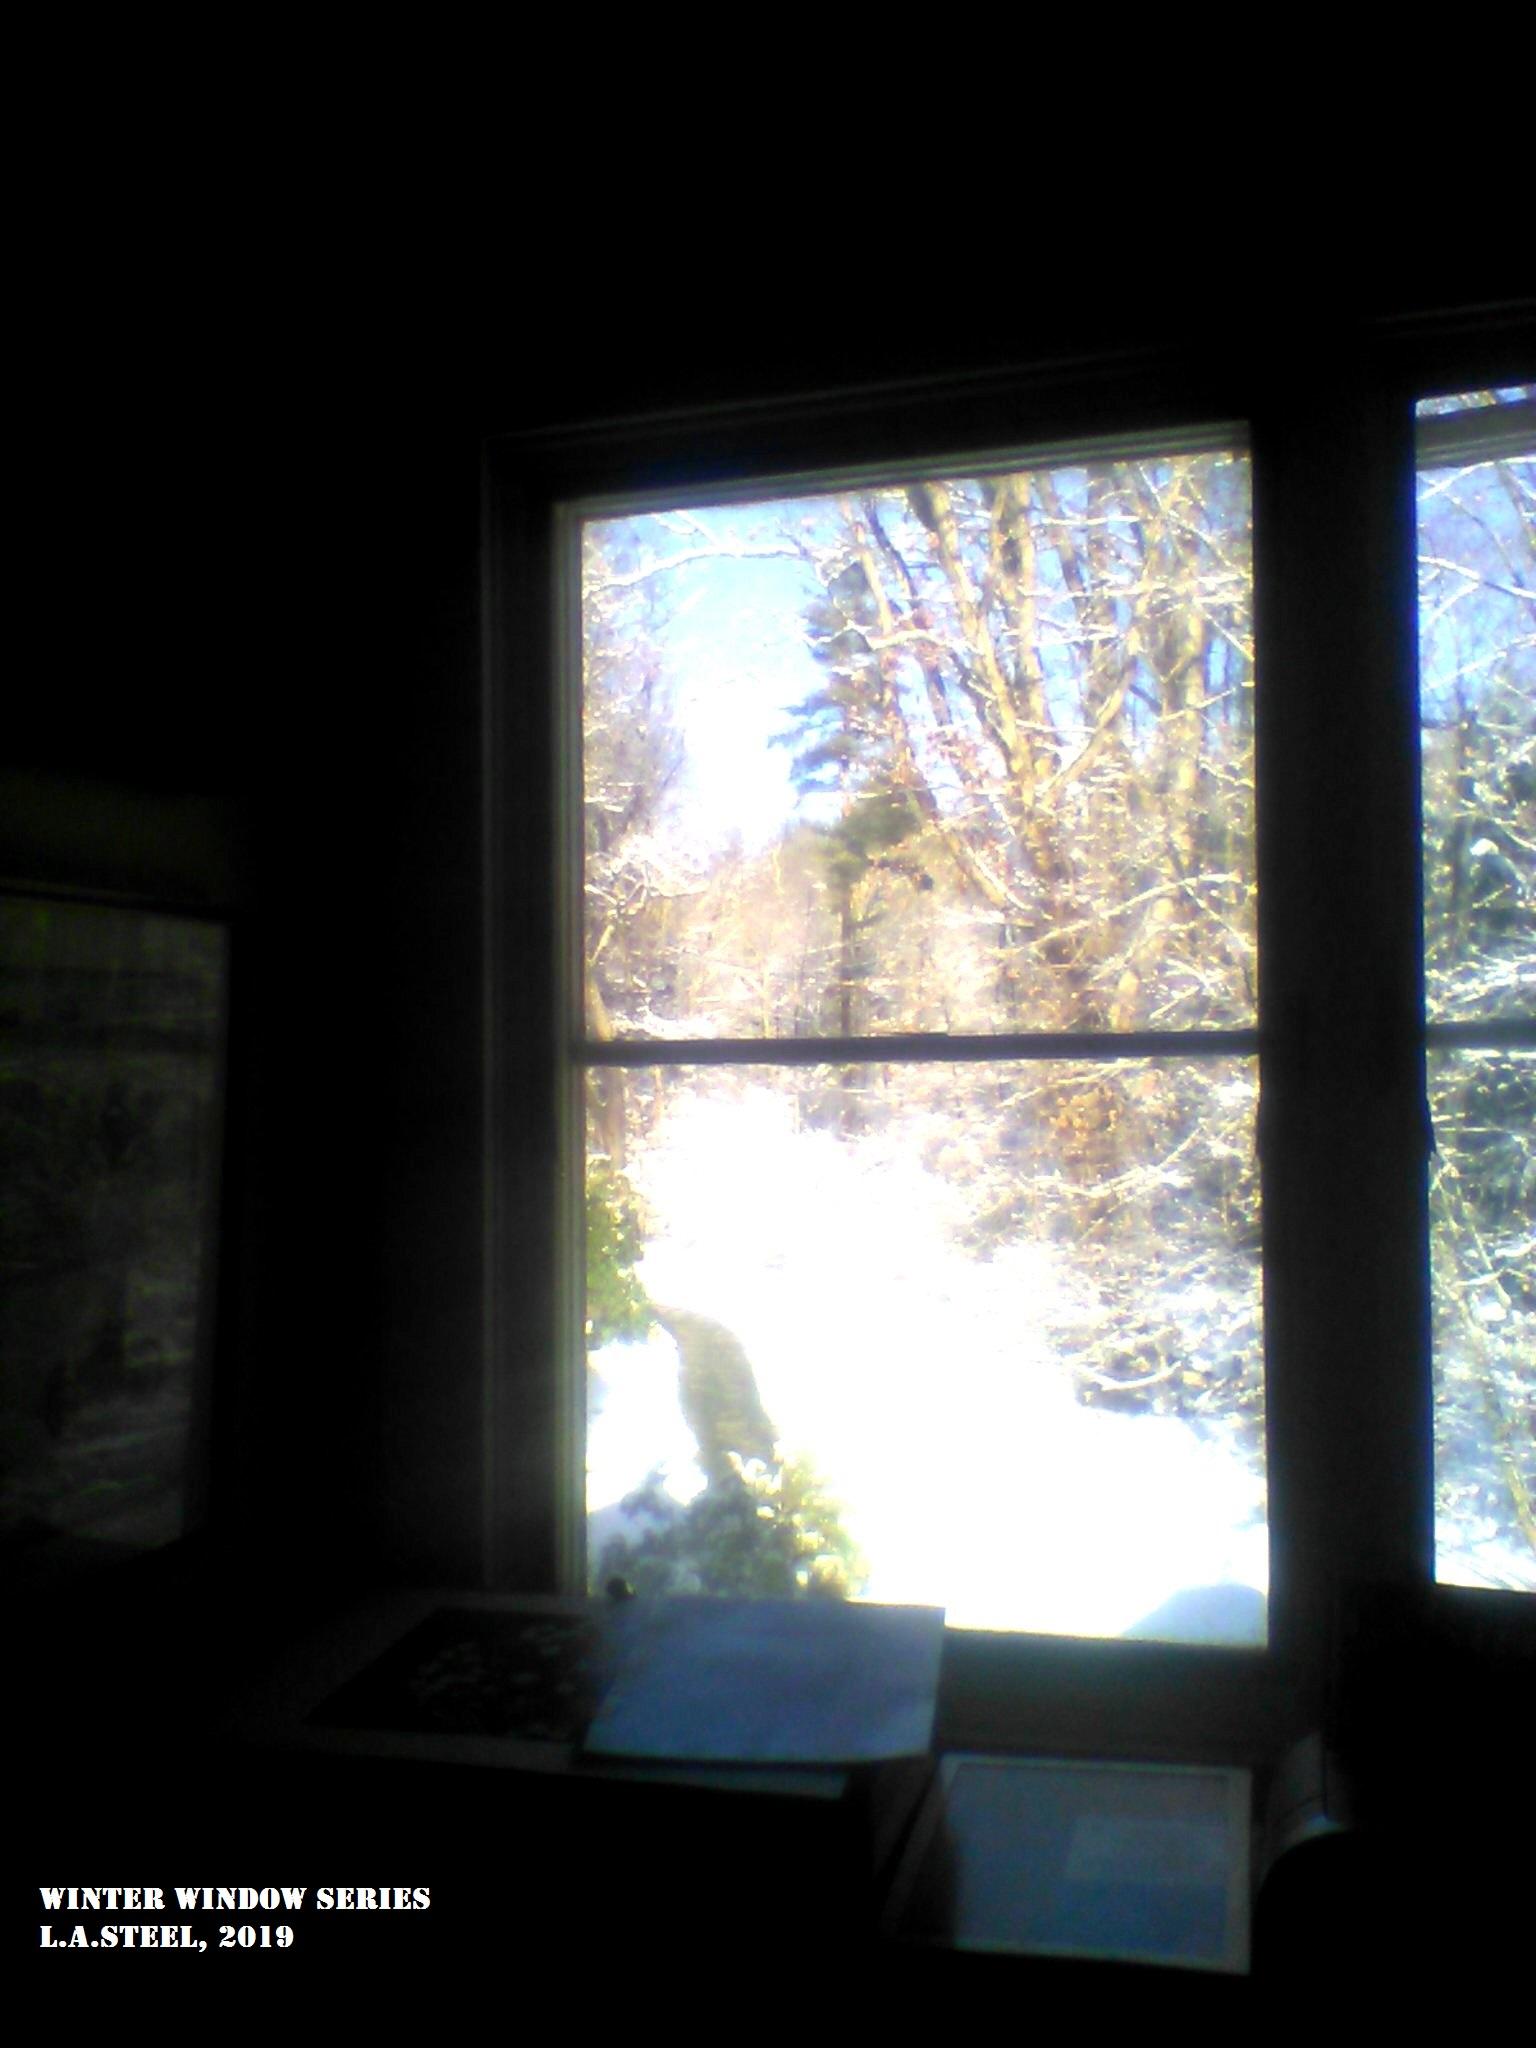 winter window 2 2019